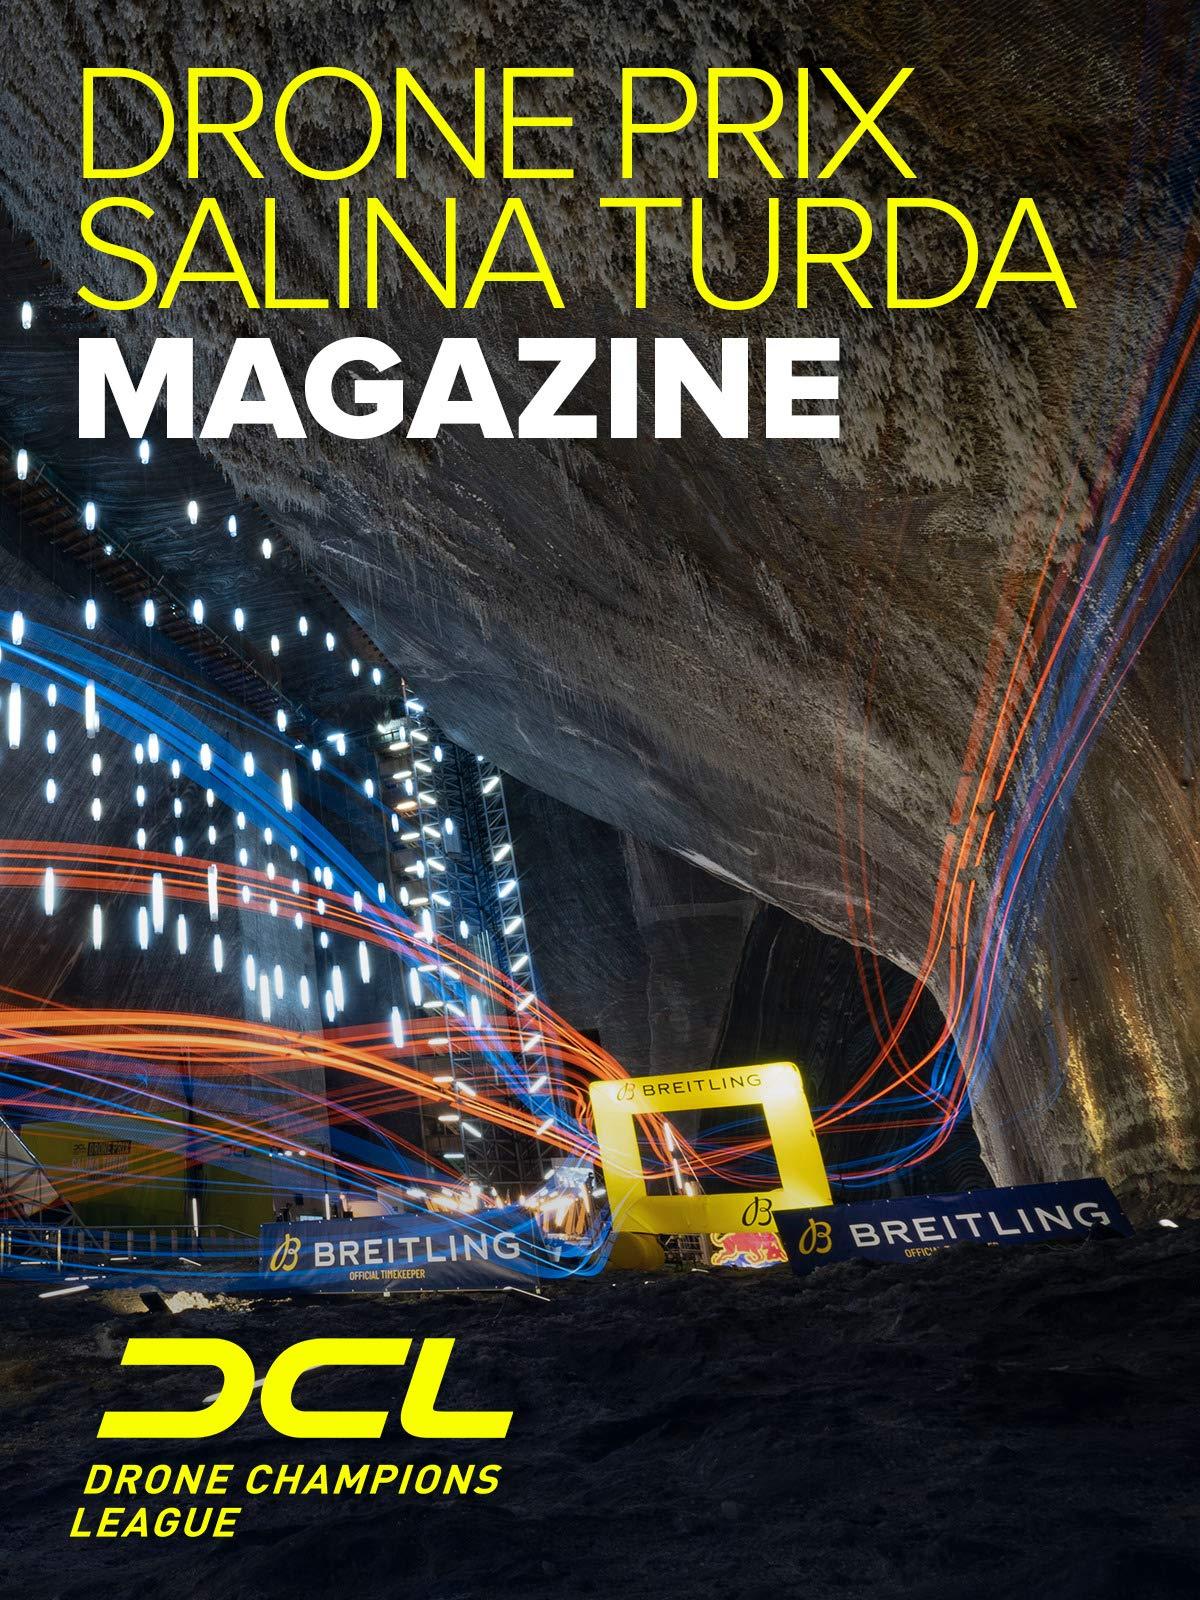 Drone Champions League Drone Prix Salina Turda on Amazon Prime Video UK